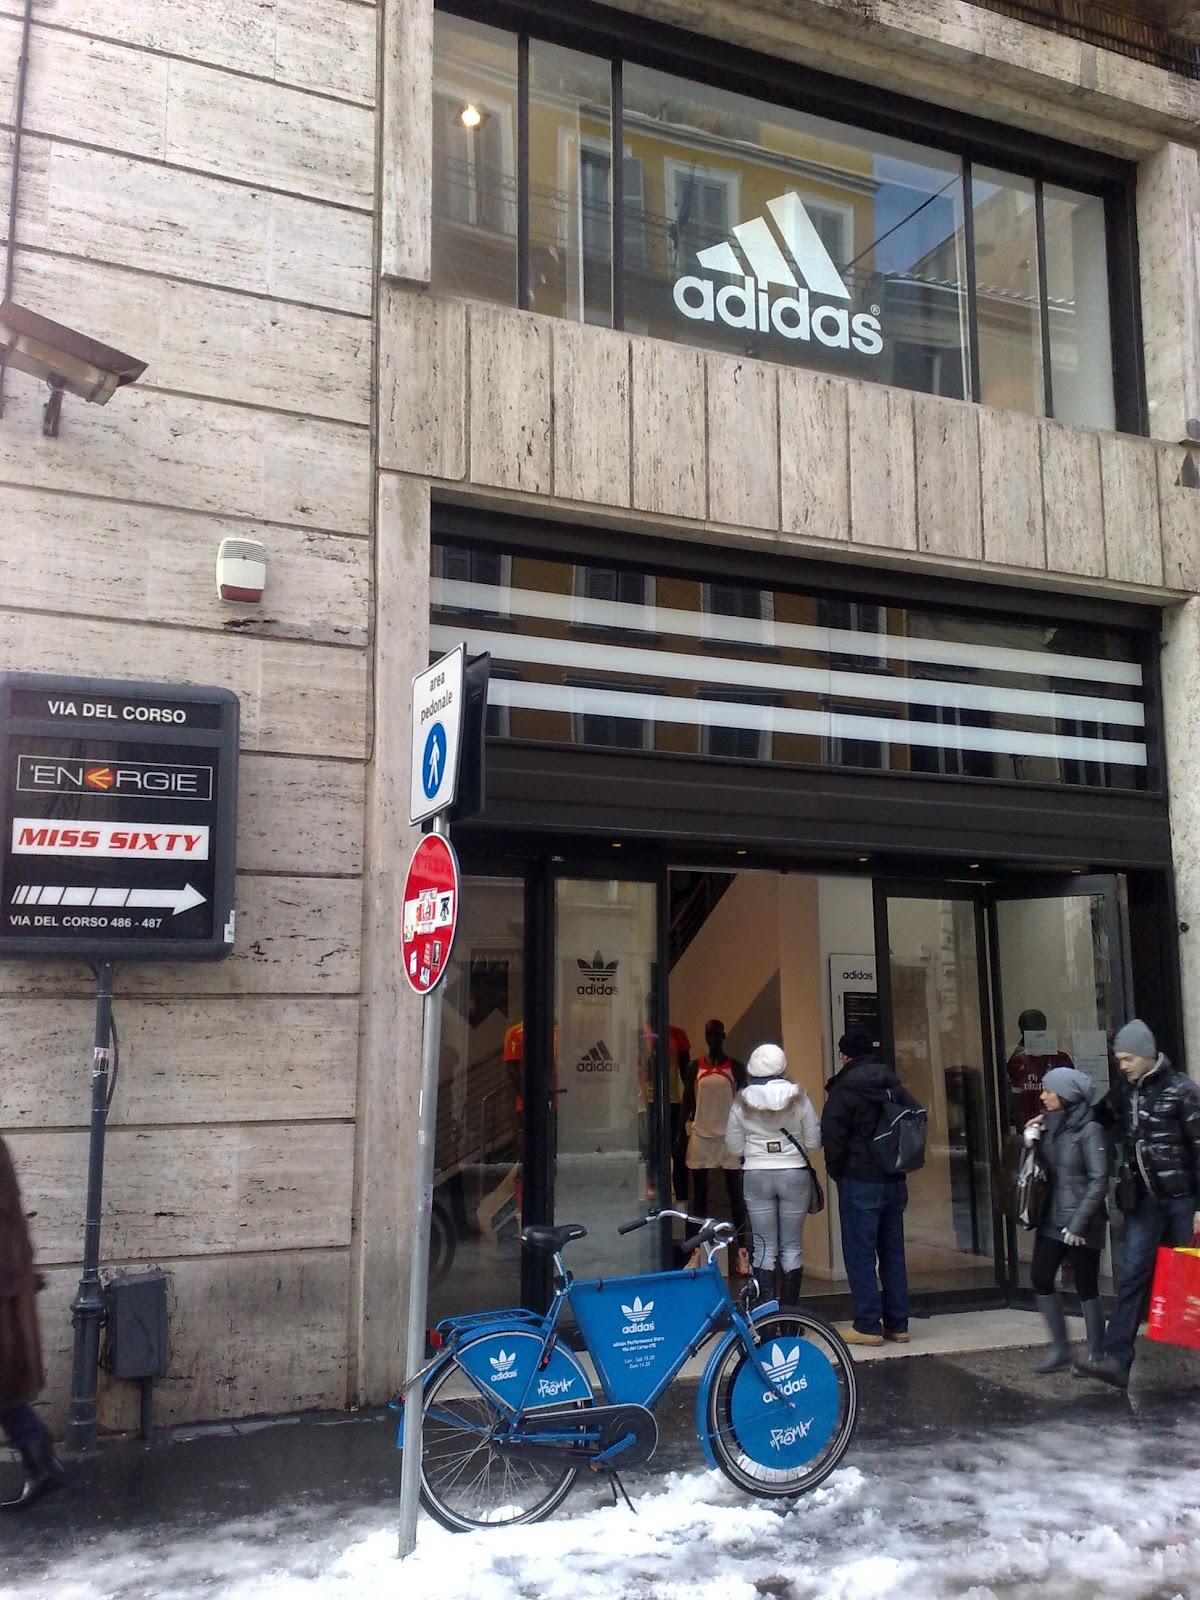 negozi adidas a roma